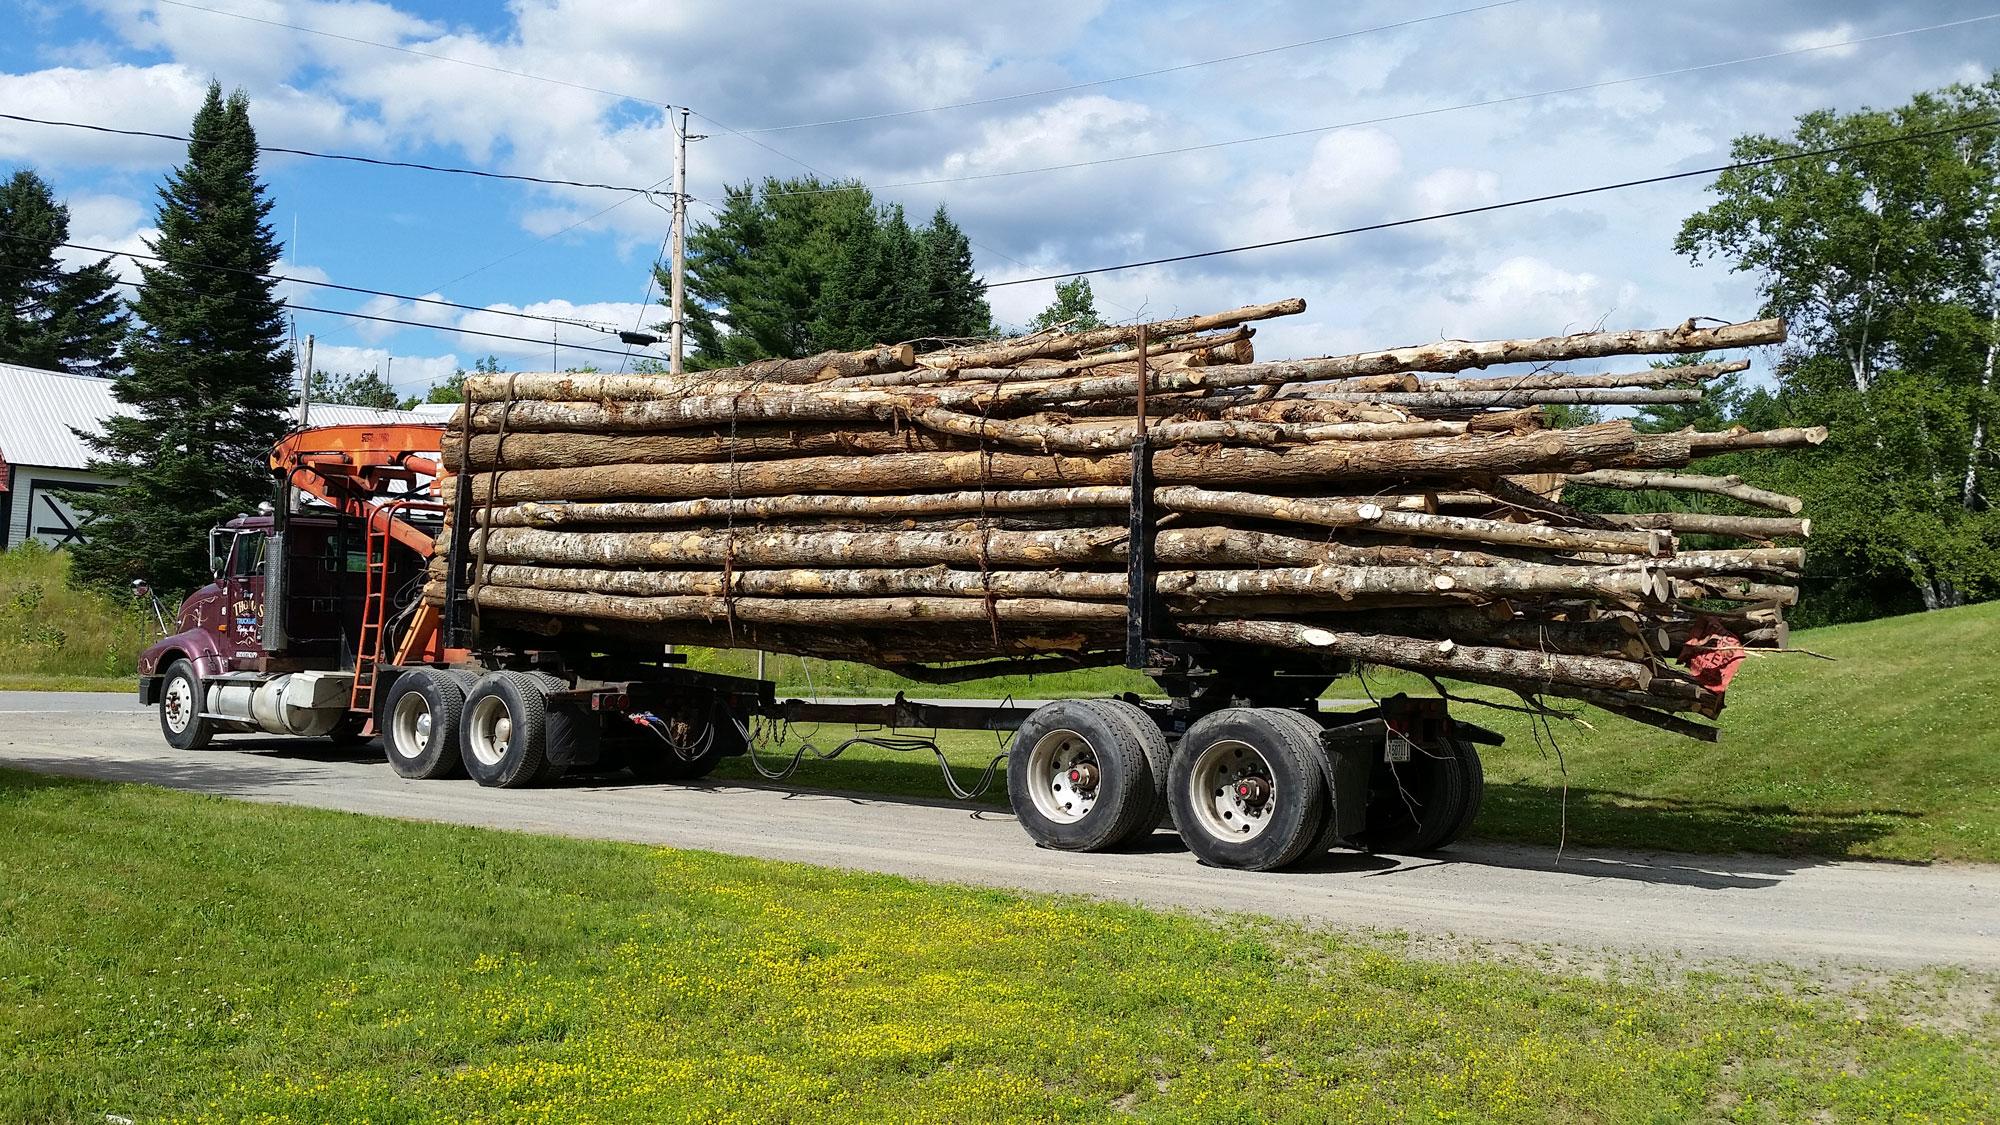 Doug Thomas firewood